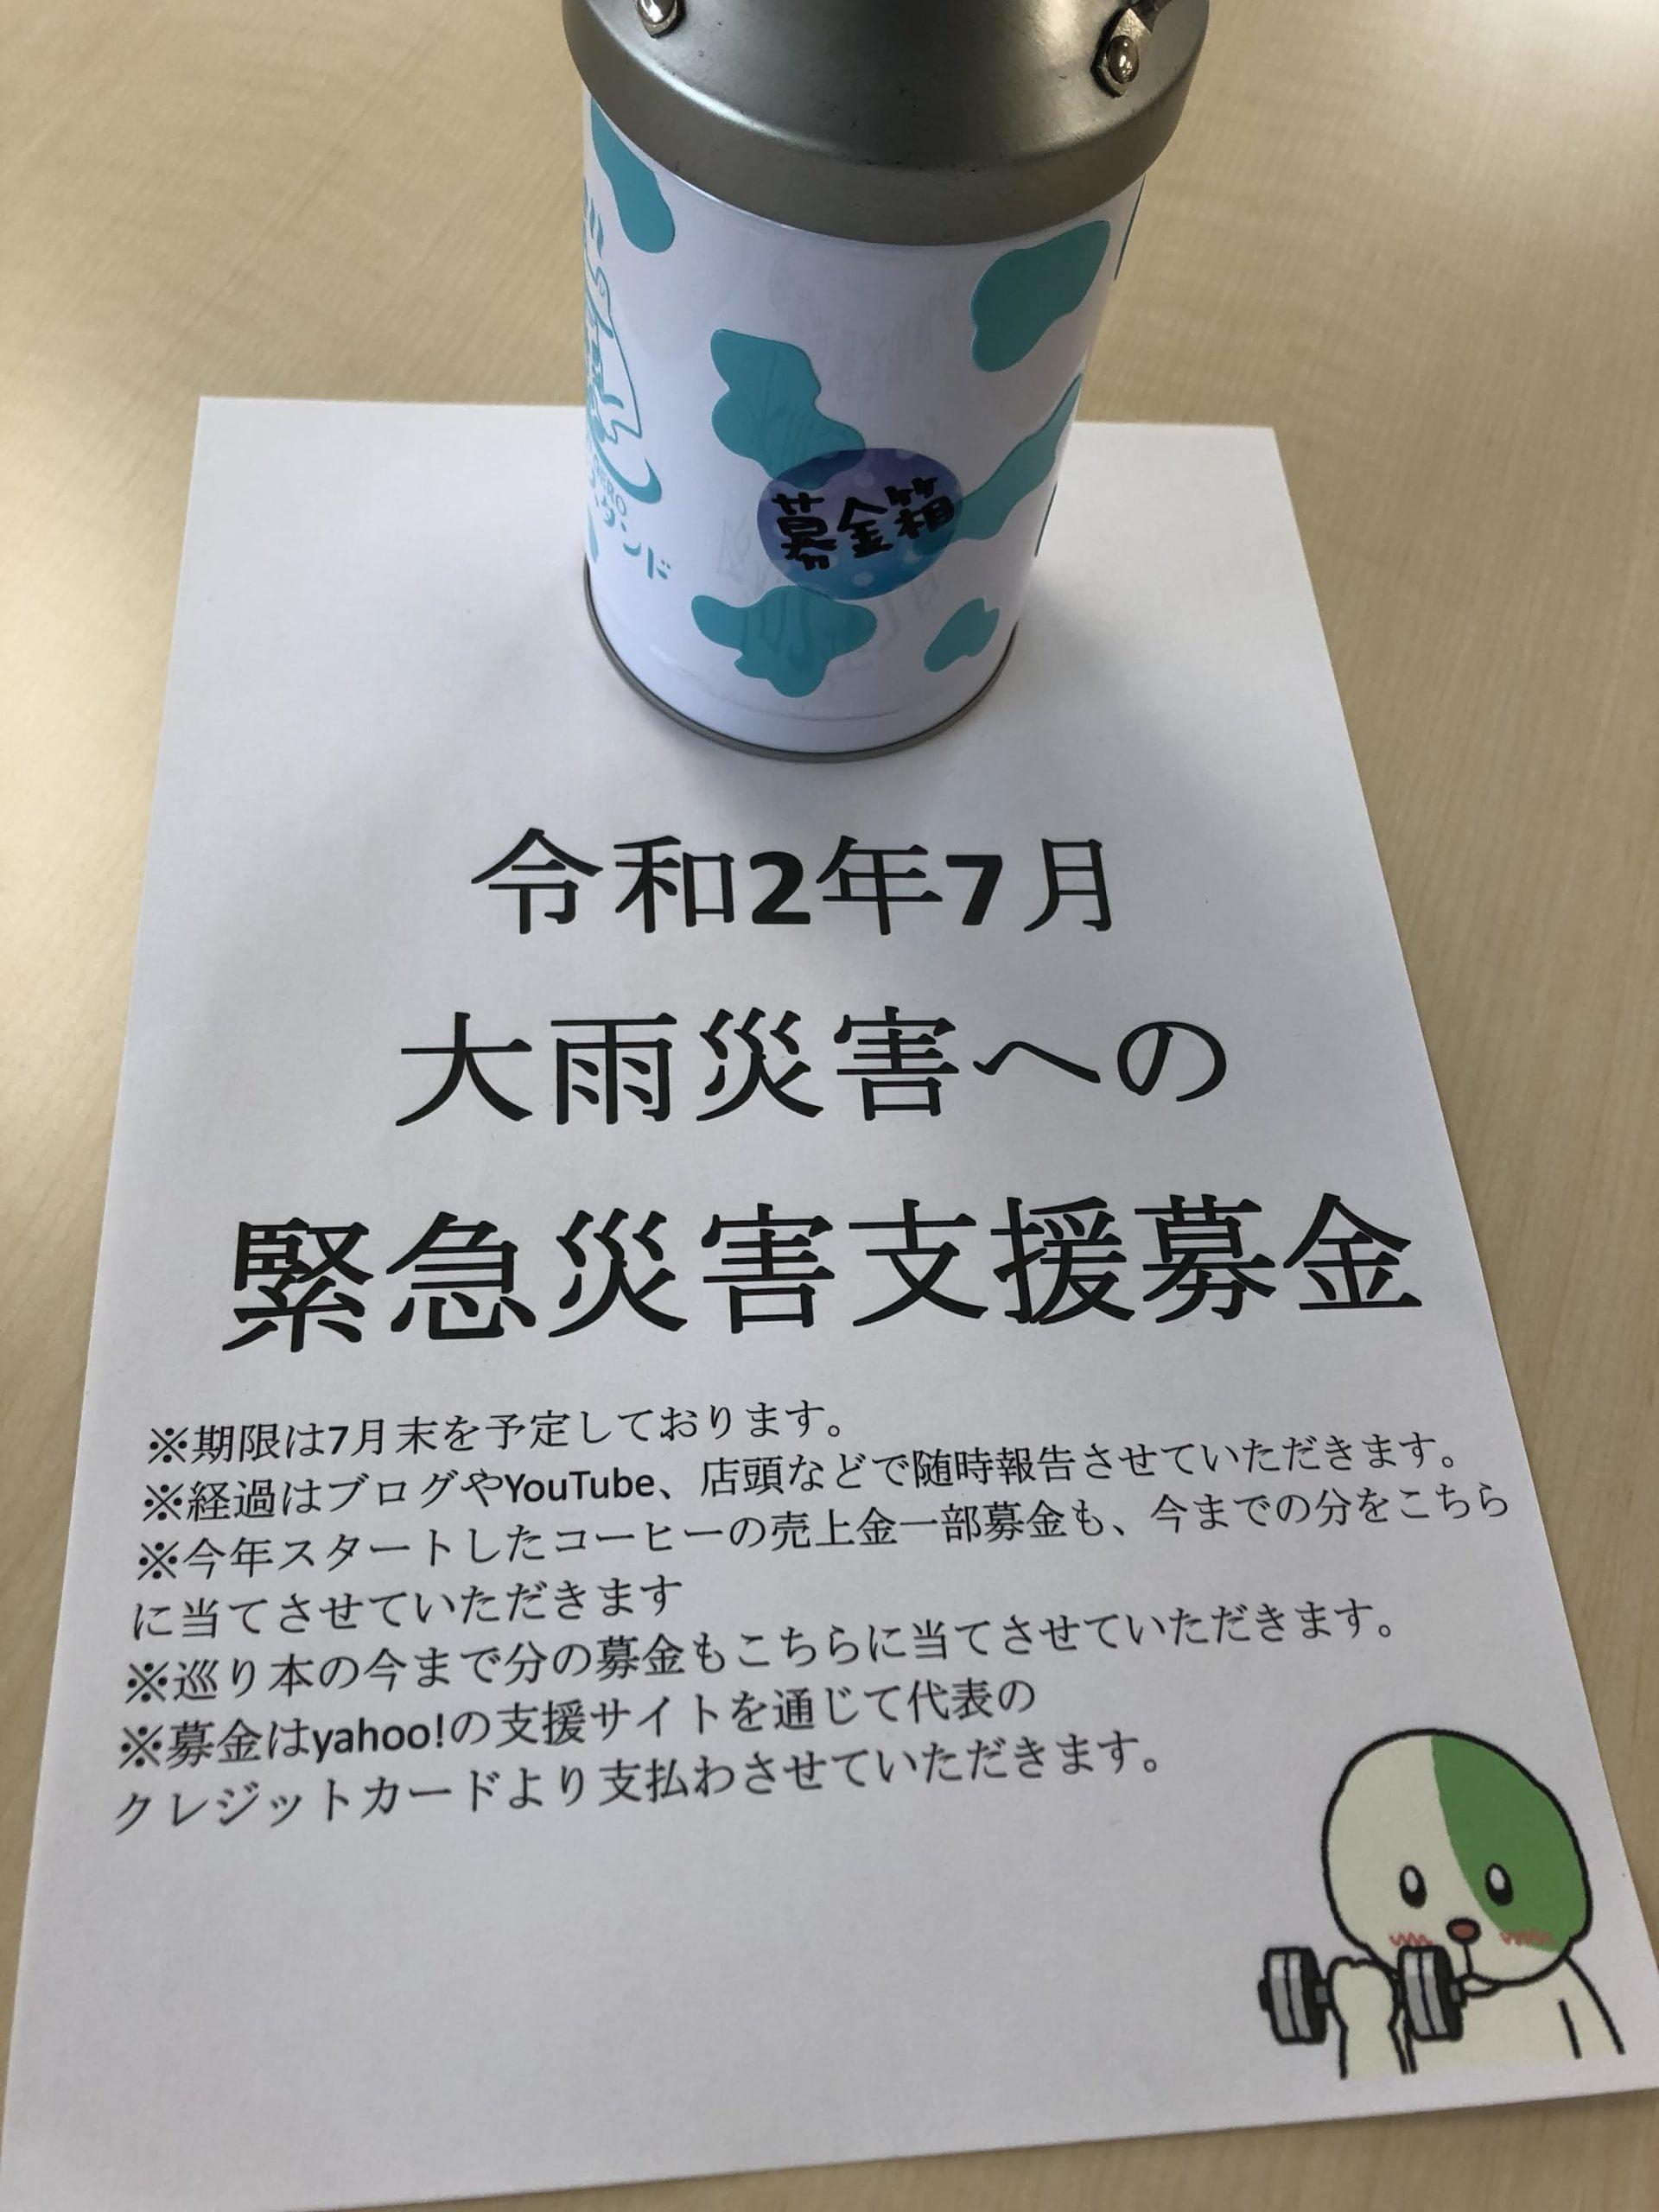 本を読んで募金しよう!#九州南部大雨災害